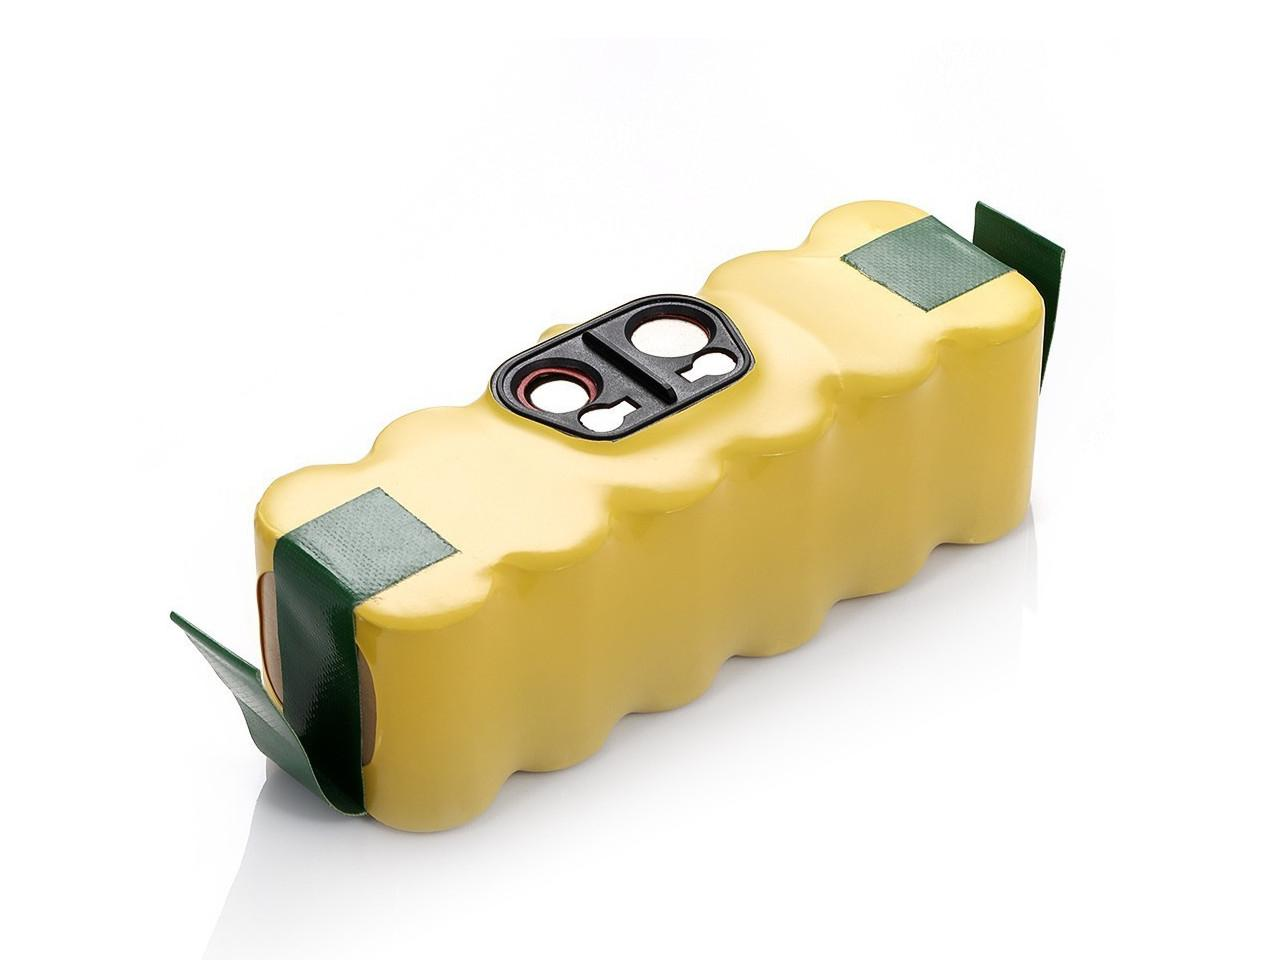 iRobot Roomba náhradní baterie Ni-MH | CHAT on-line podpora PO-PÁ 8-22.00!!